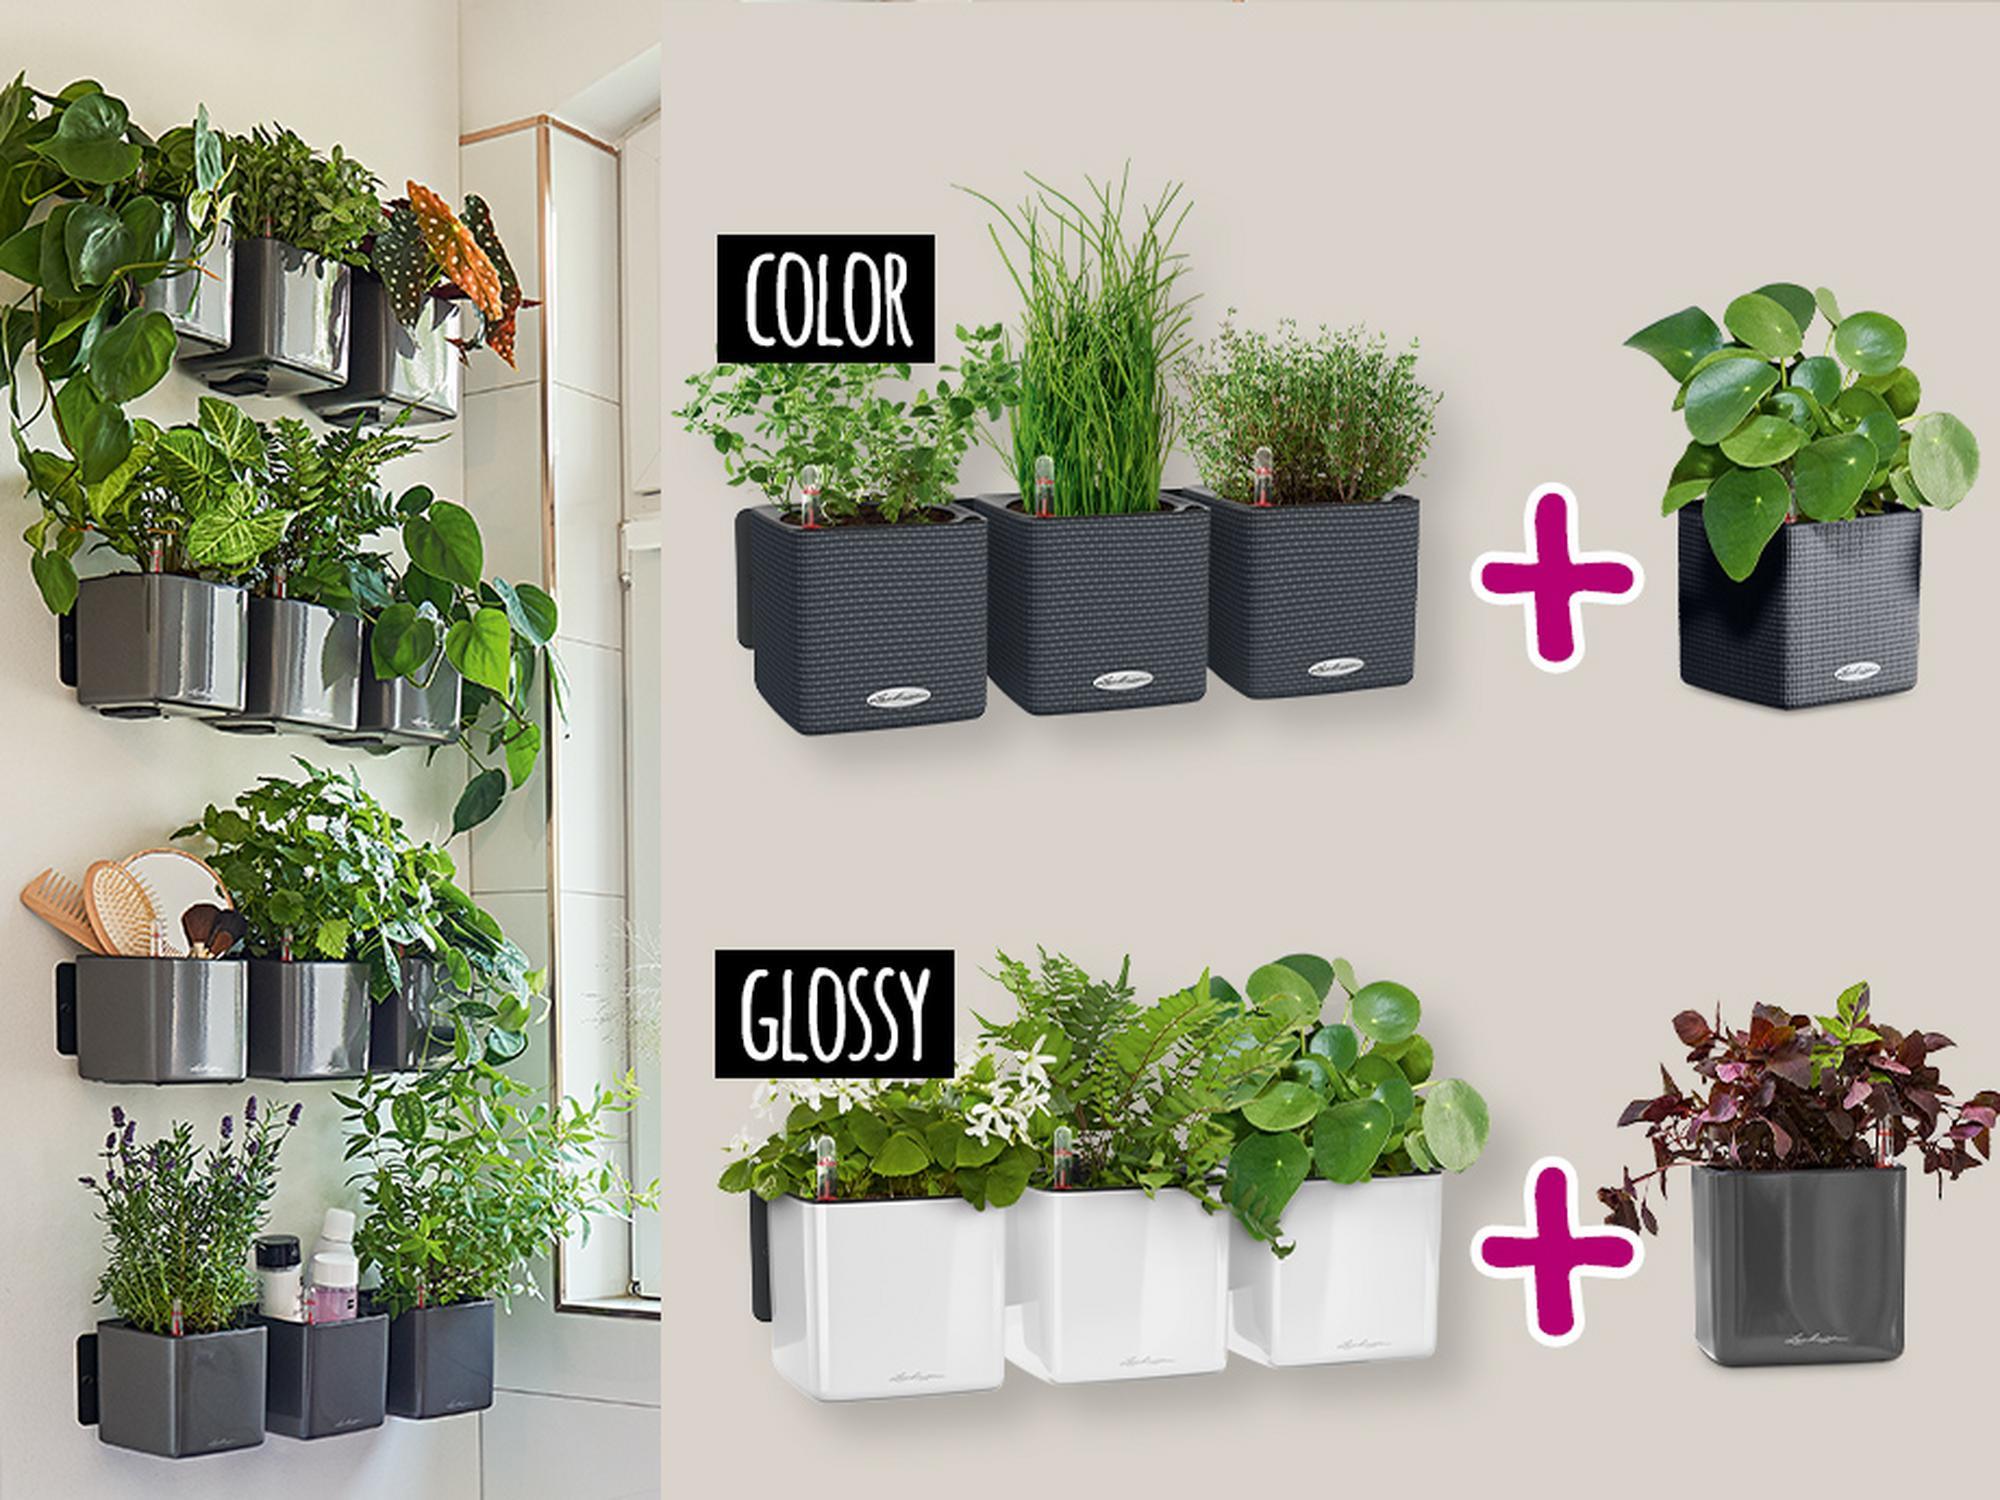 Beim Kauf eines Green Wall Home Kits gibt es einen CUBE 14 gratis dazu